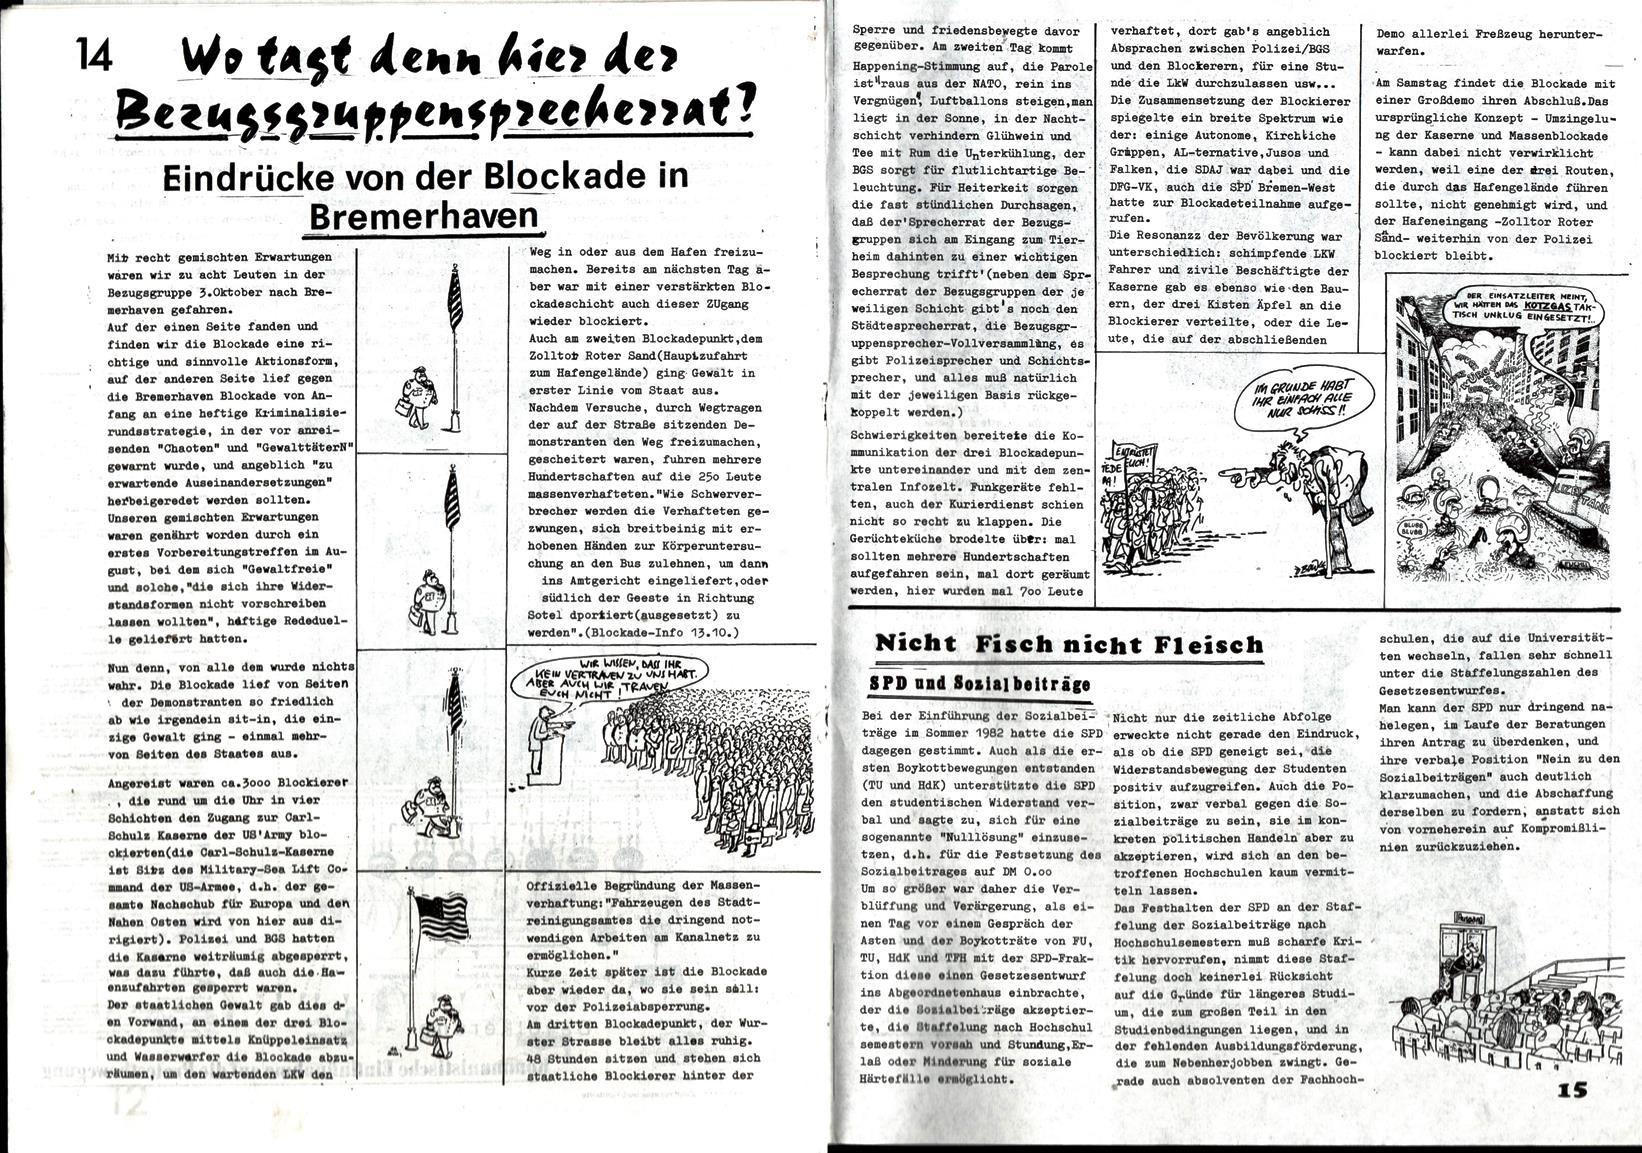 Berlin_Jusos_Harte_Zeiten_19831000_008